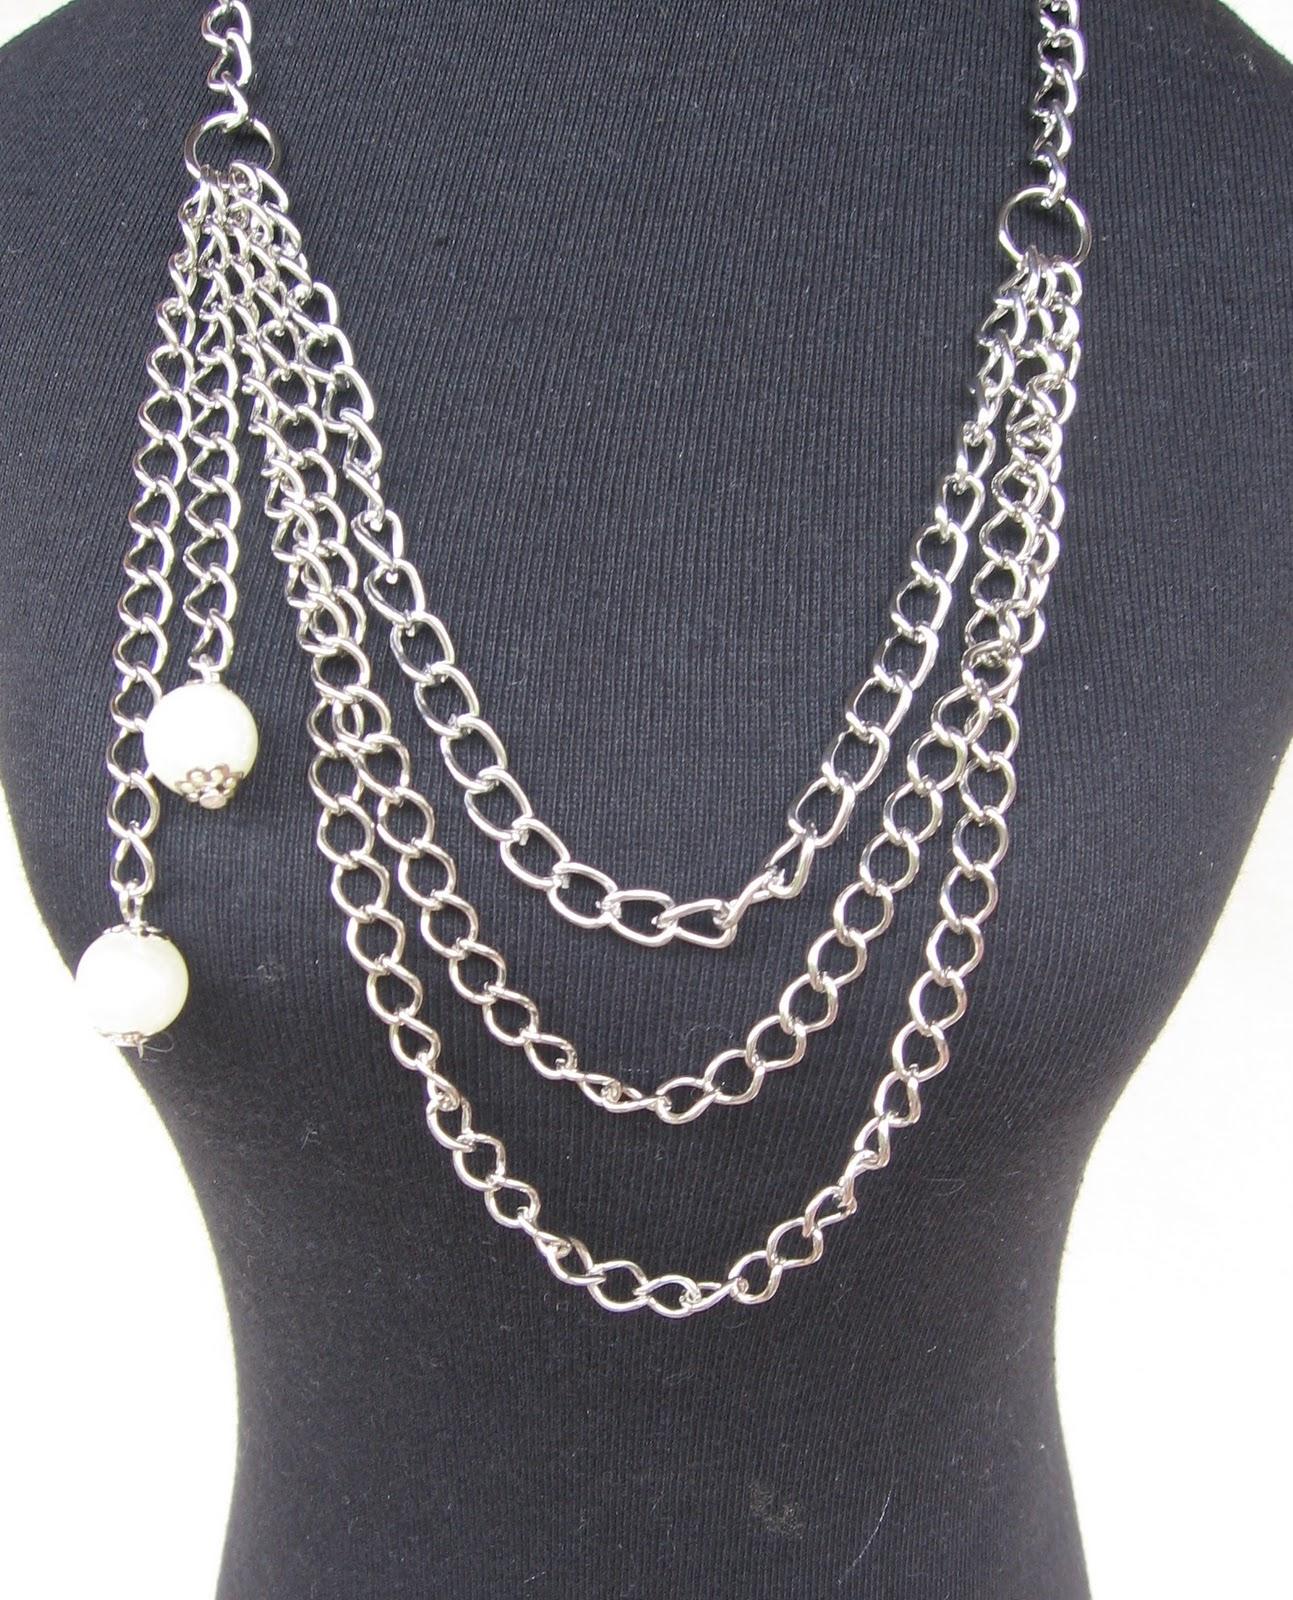 b85678e560bc TARTARUGA accesorios  Dos perlas